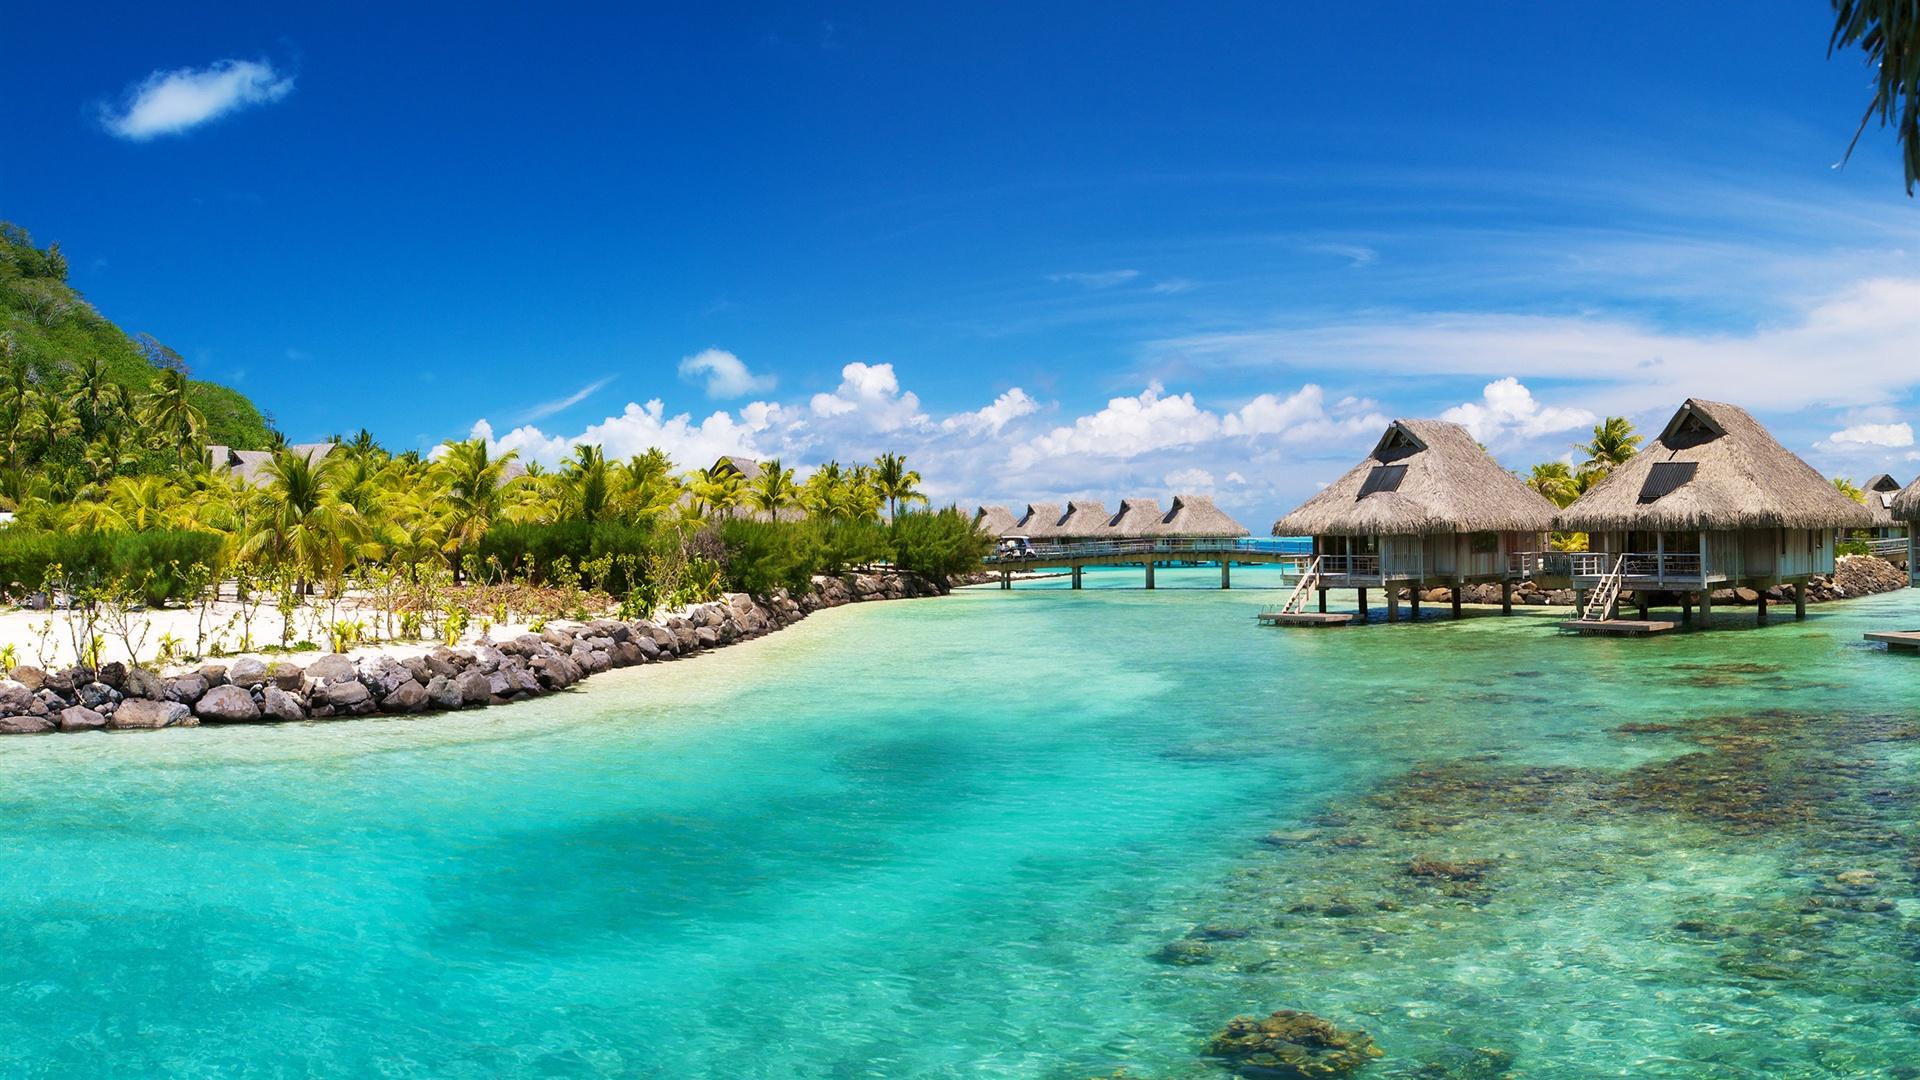 壁紙 熱帯の海 海 ヤシの家 2560x1600 Hd 無料のデスクトップの背景 画像